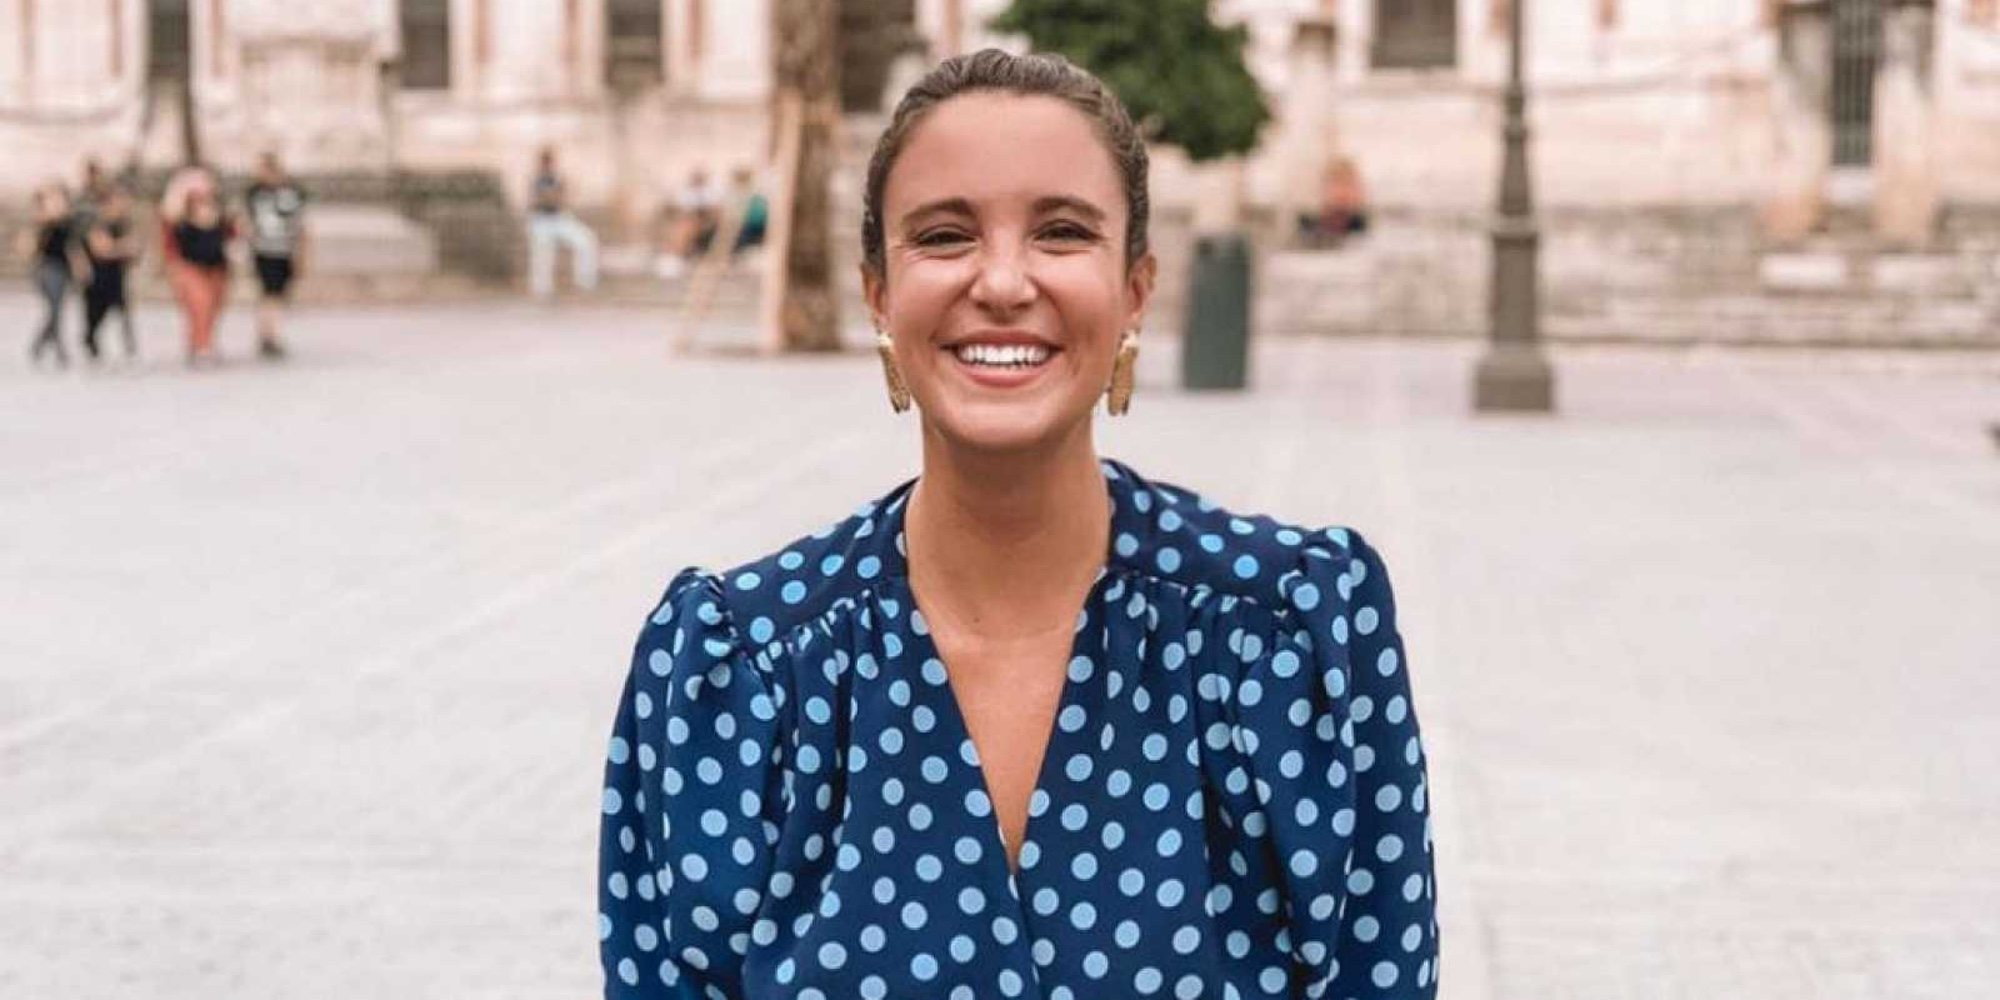 Marta Pombo reaparece en las redes sociales tras su desconexión temporal con motivo de la gran nevada